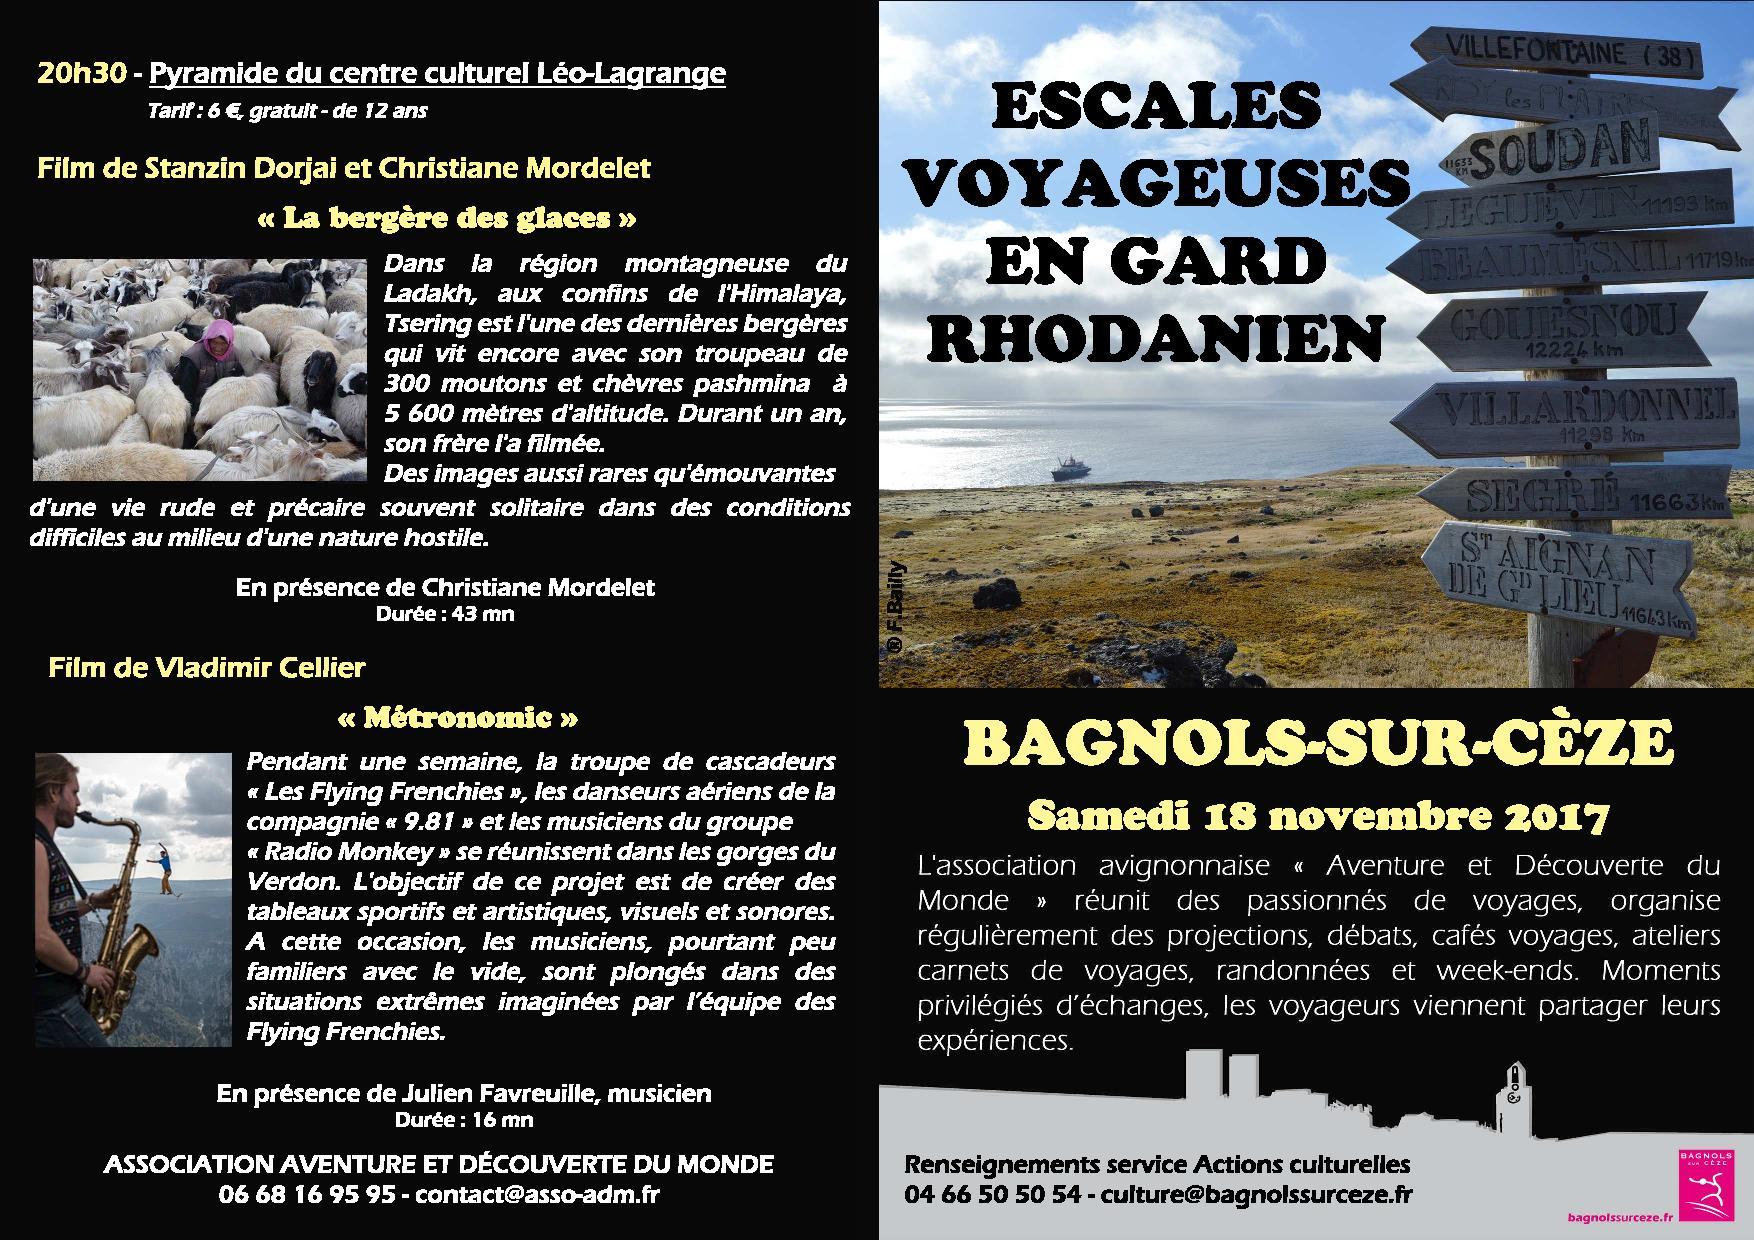 Escales voyageuses en Gard Rhodanien @ Salle de la Pyramide | Bagnols-sur-Cèze | Occitanie | France